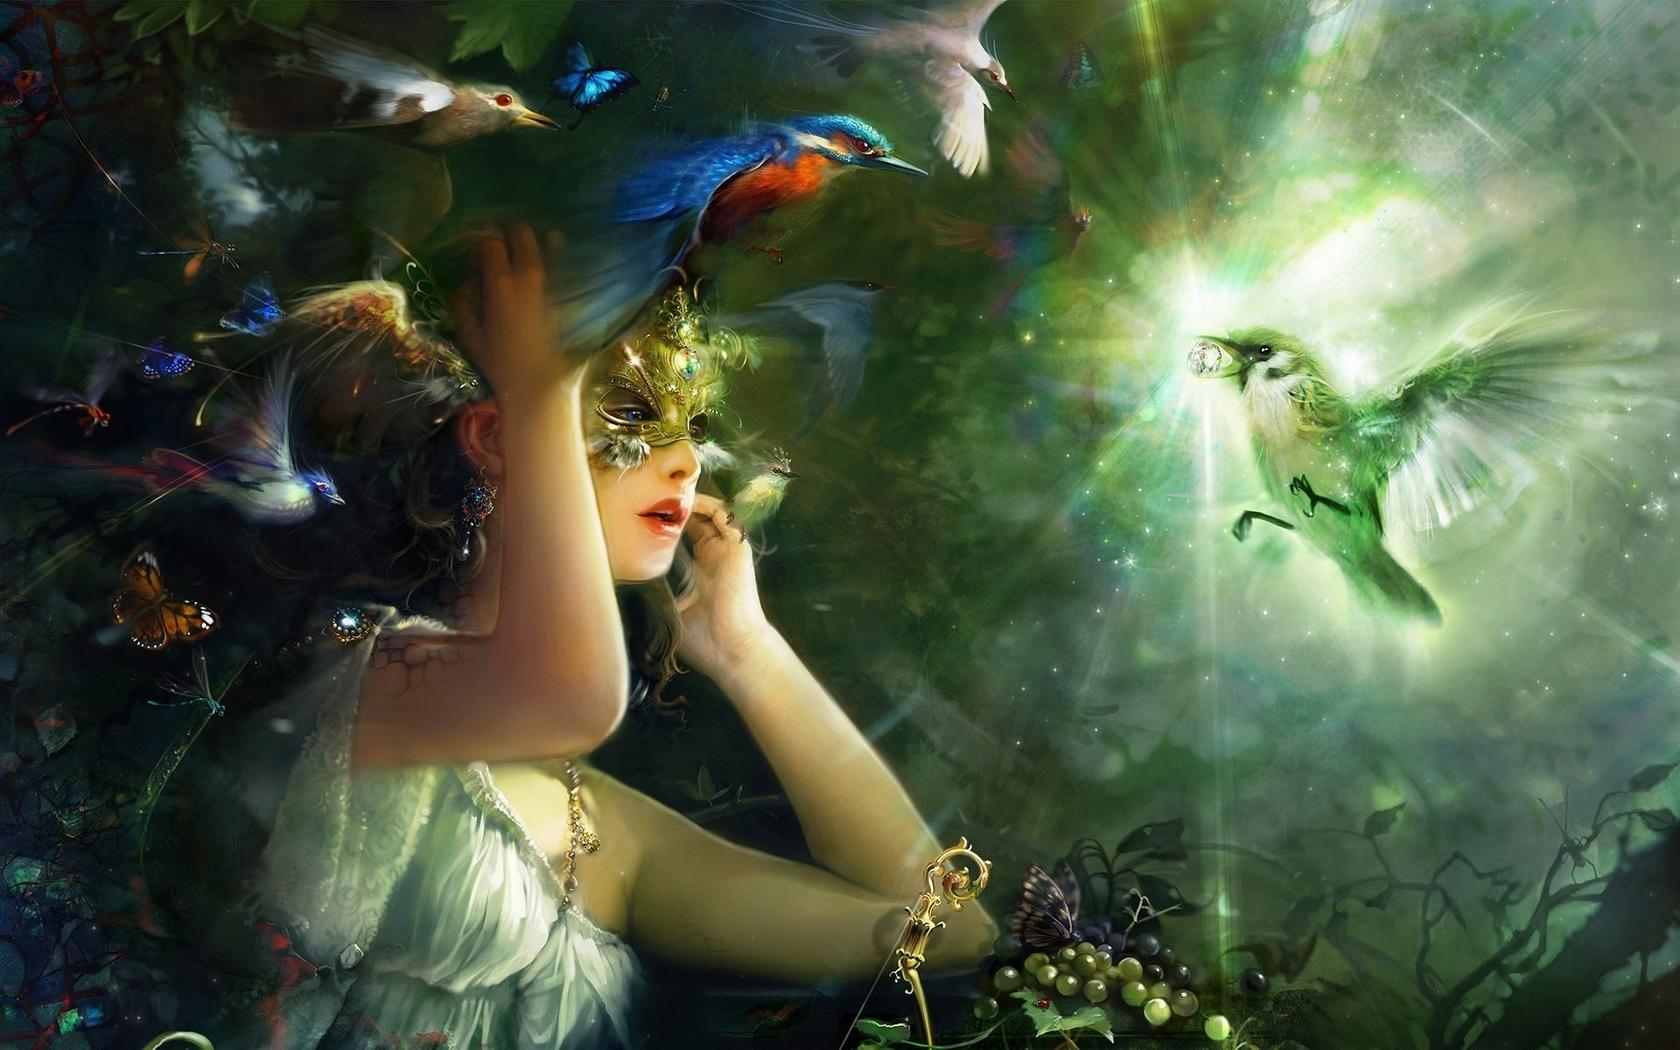 Картинка про волшебство в жизни